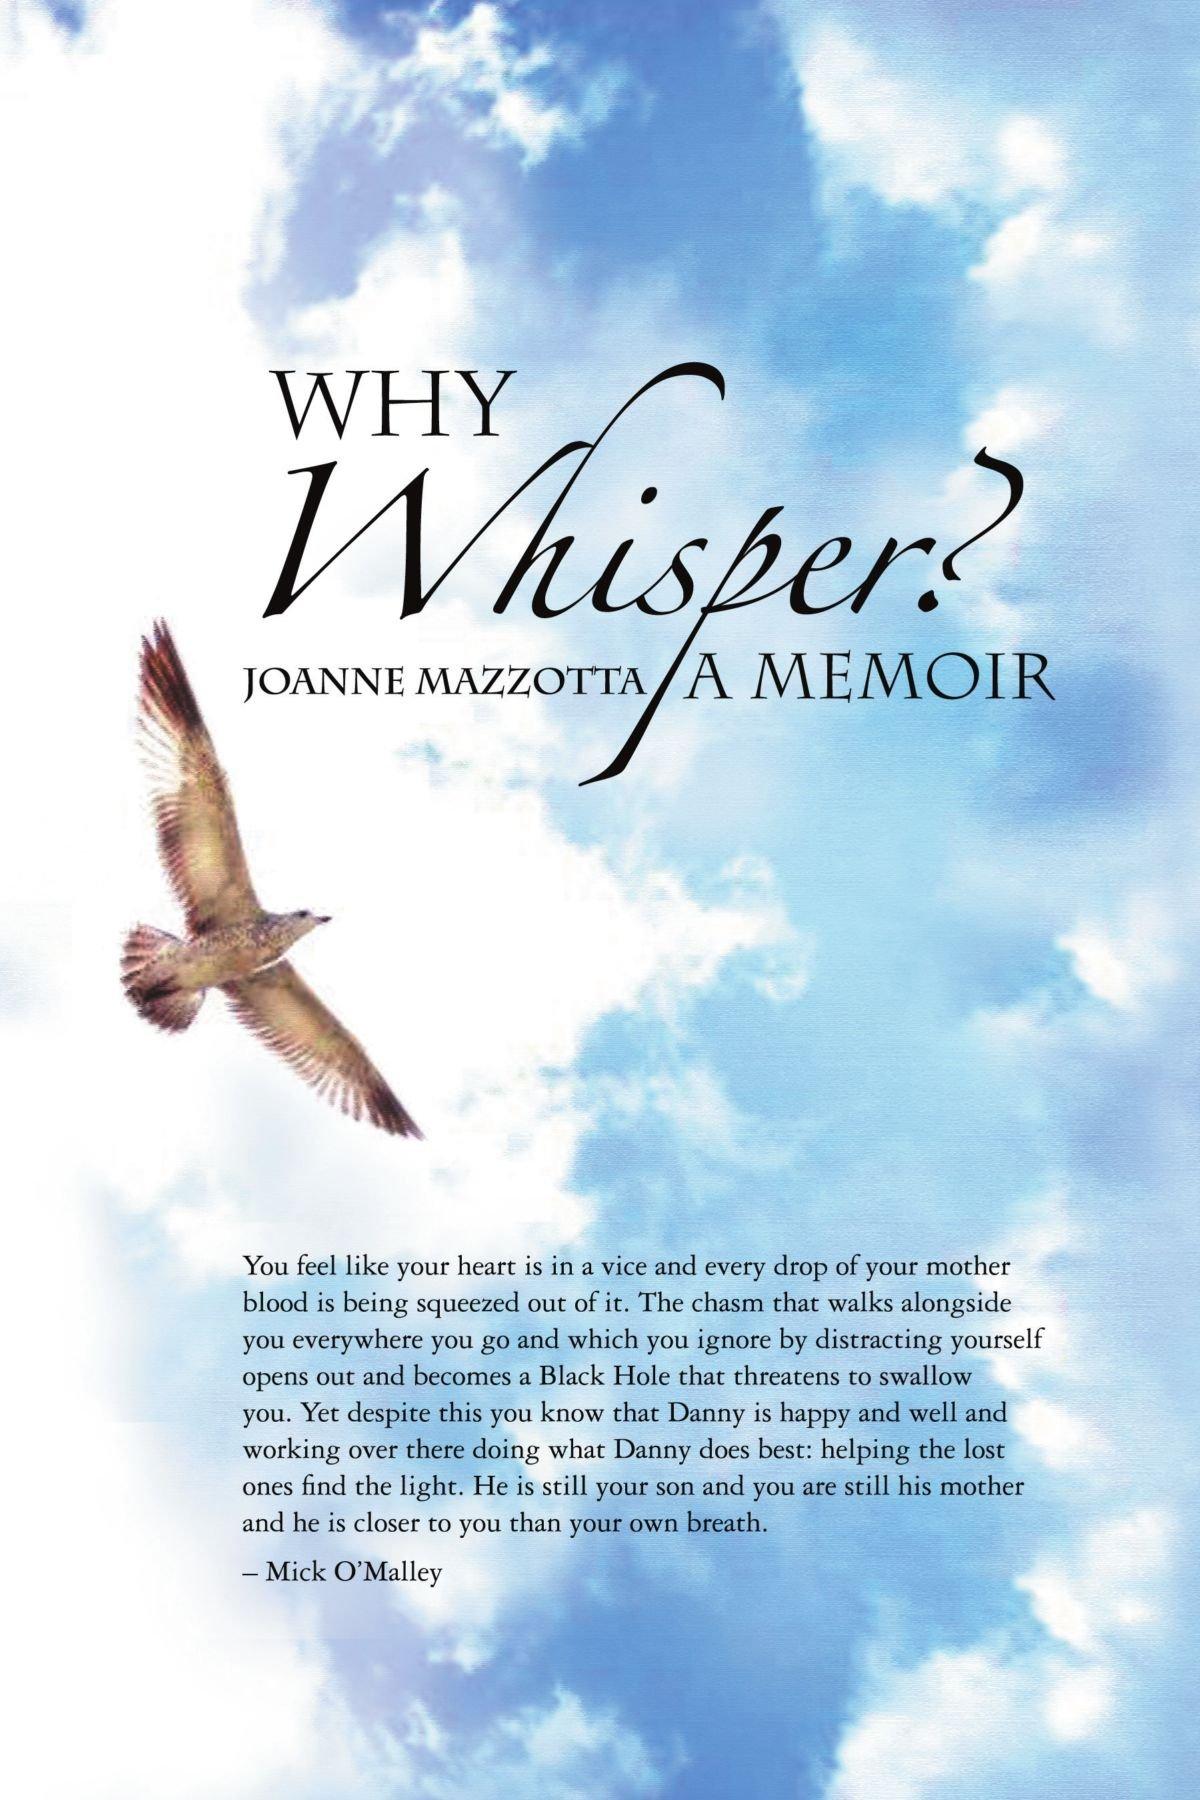 Why Whisper?: A Memoir